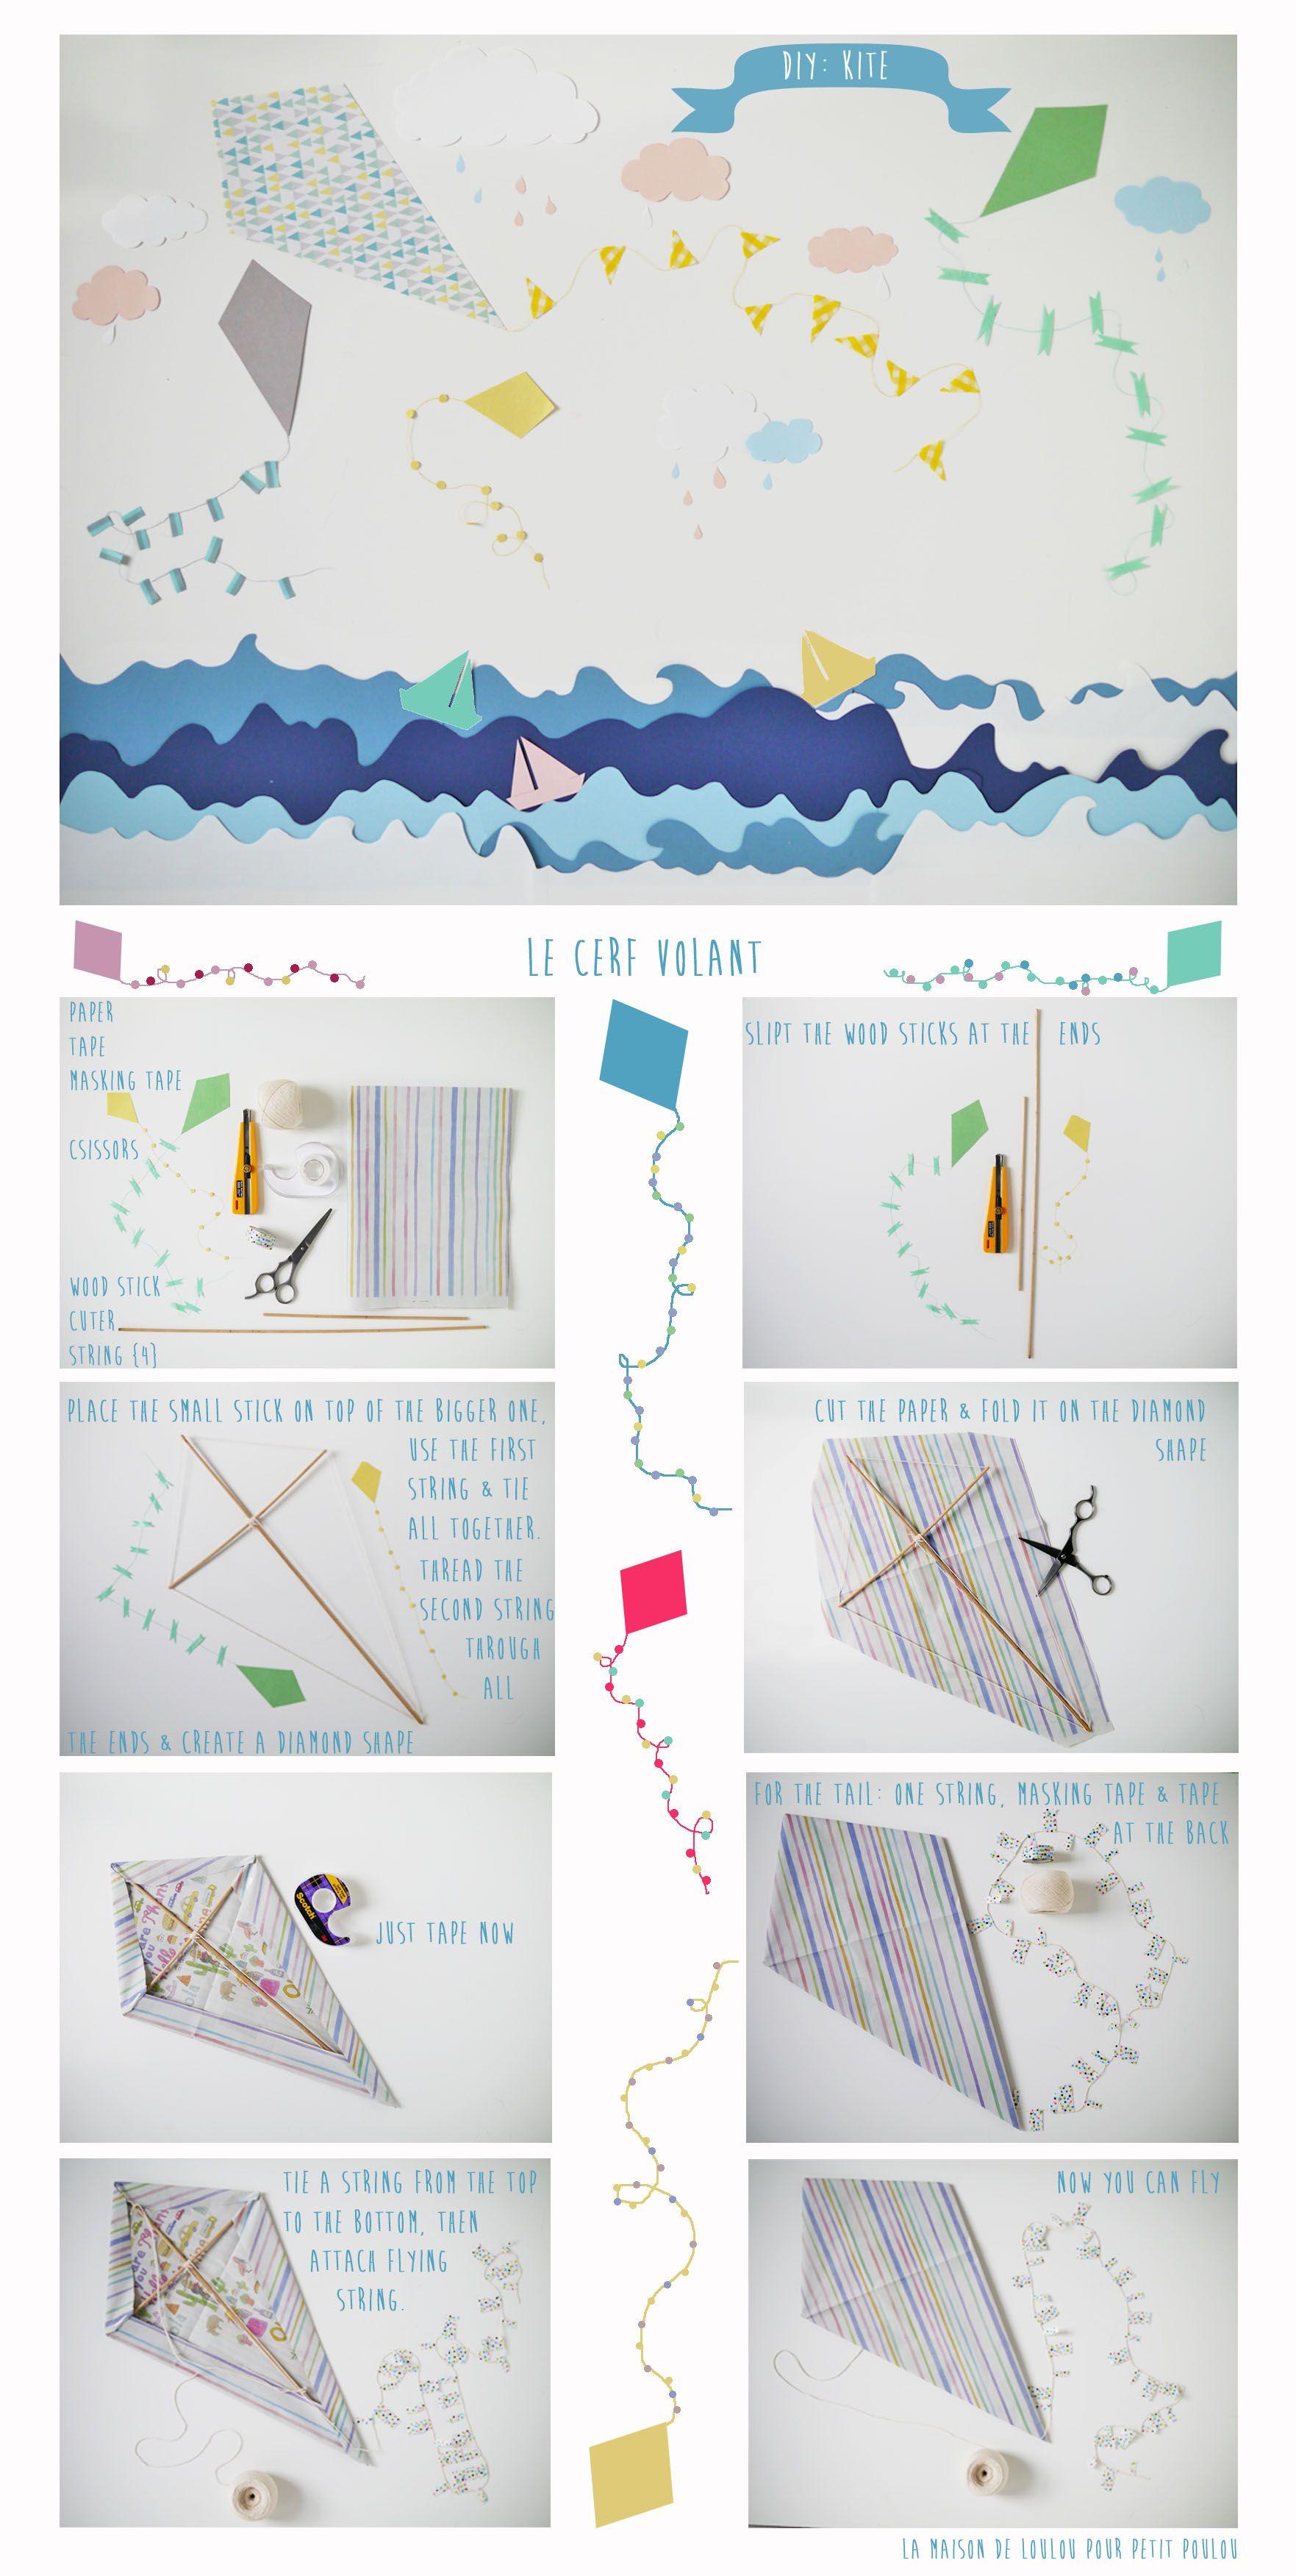 DIY Kite by La maison de Loulou for Petit Poulou blog